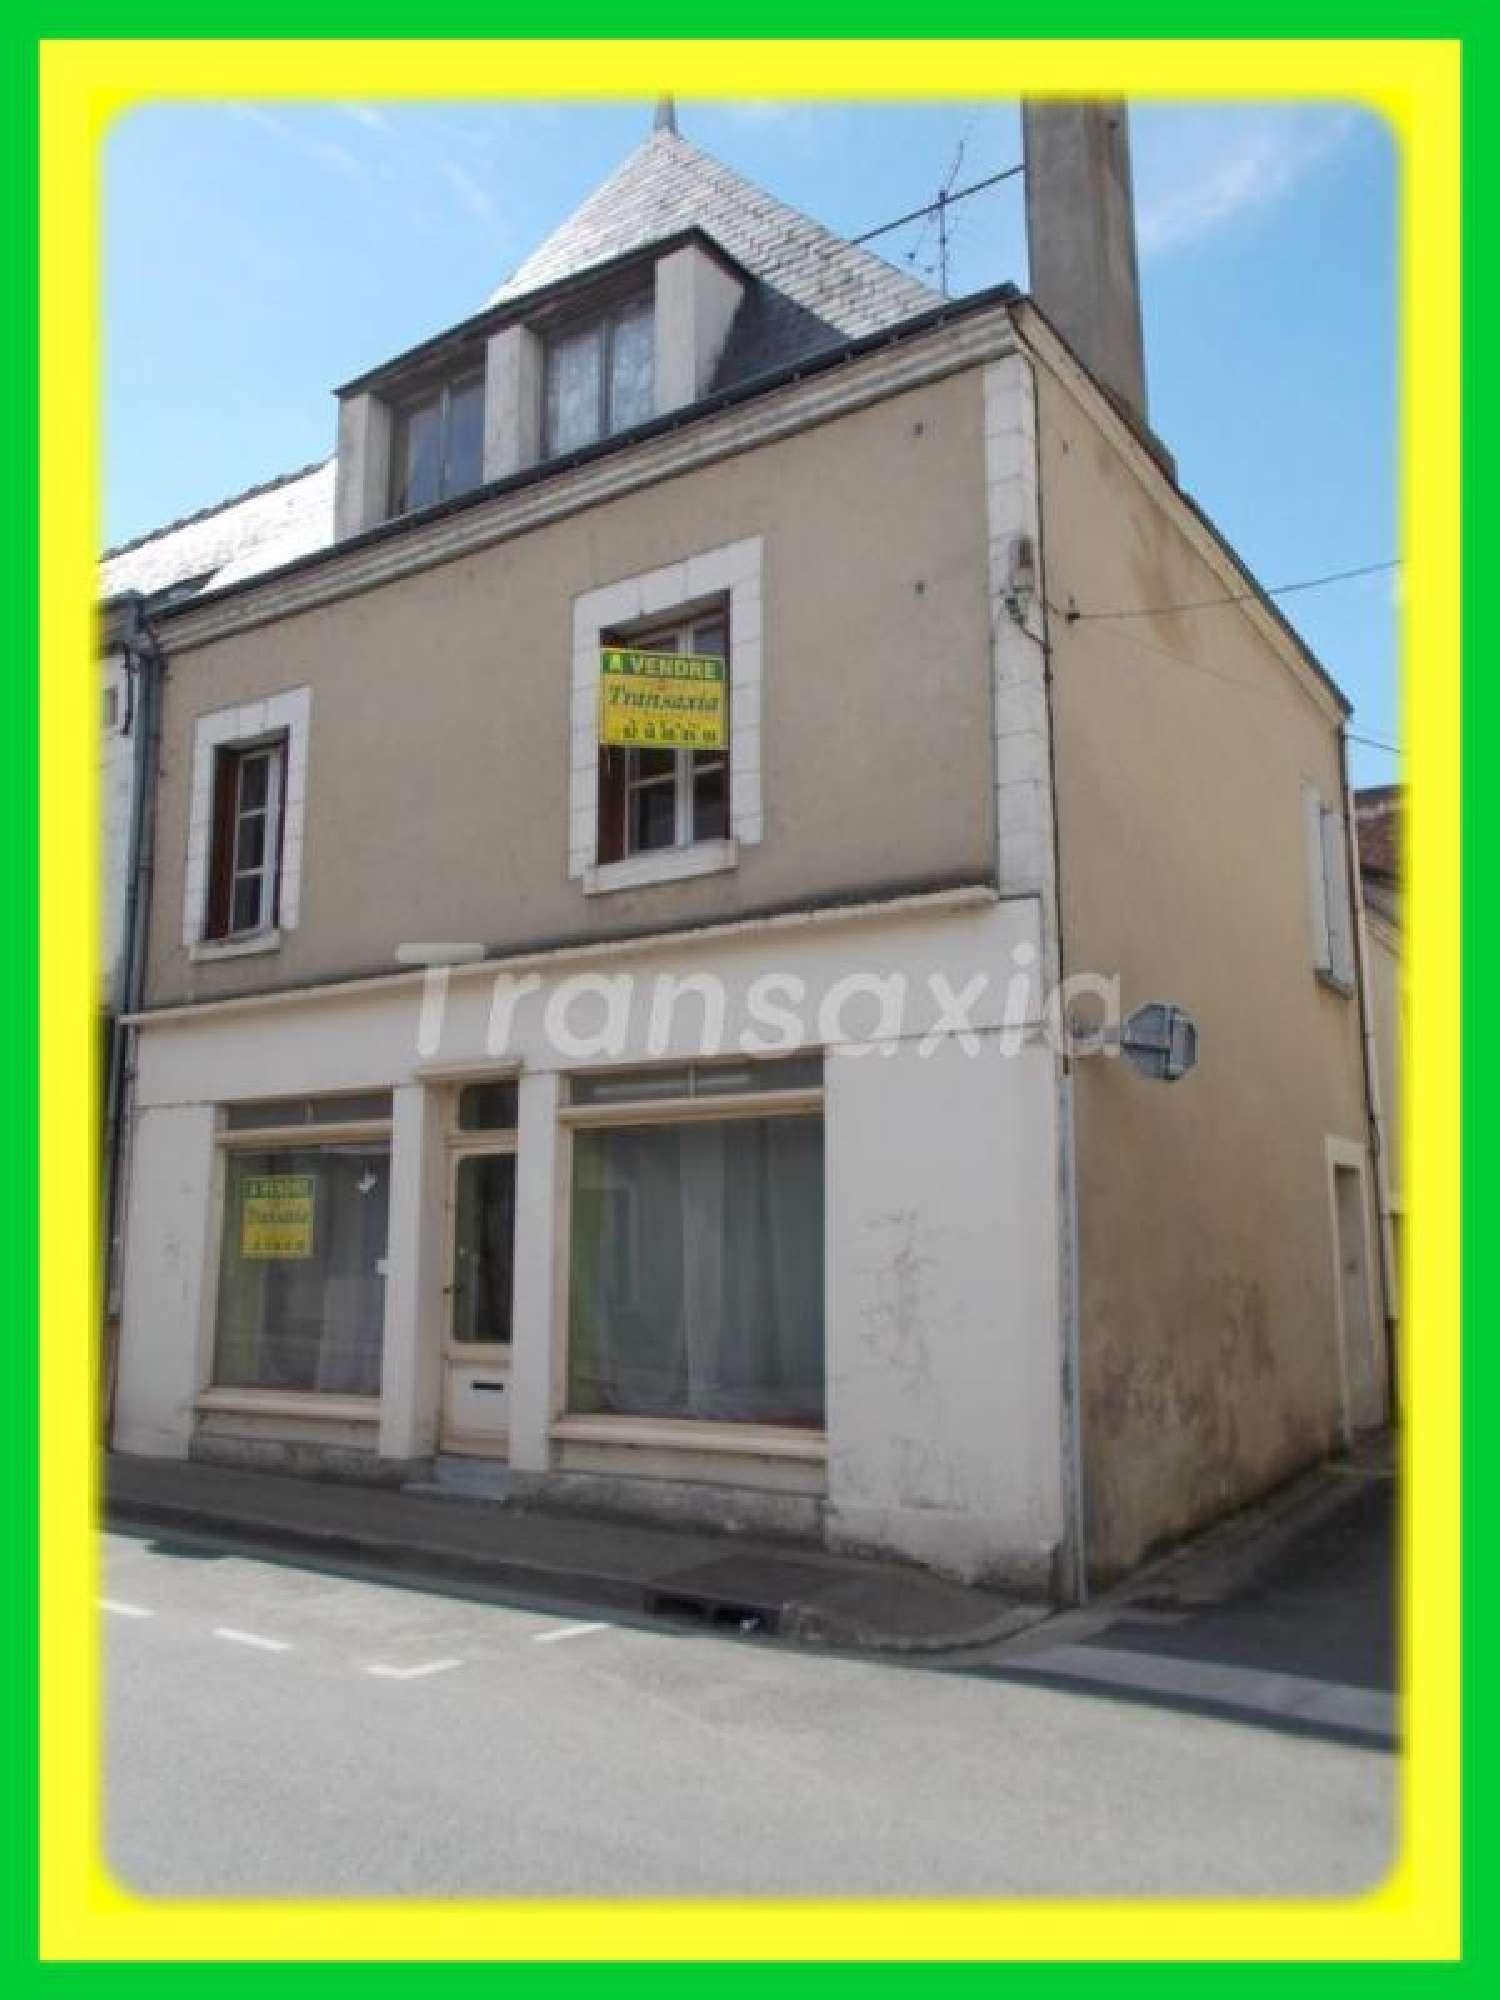 Vatan Indre maison photo 4326338